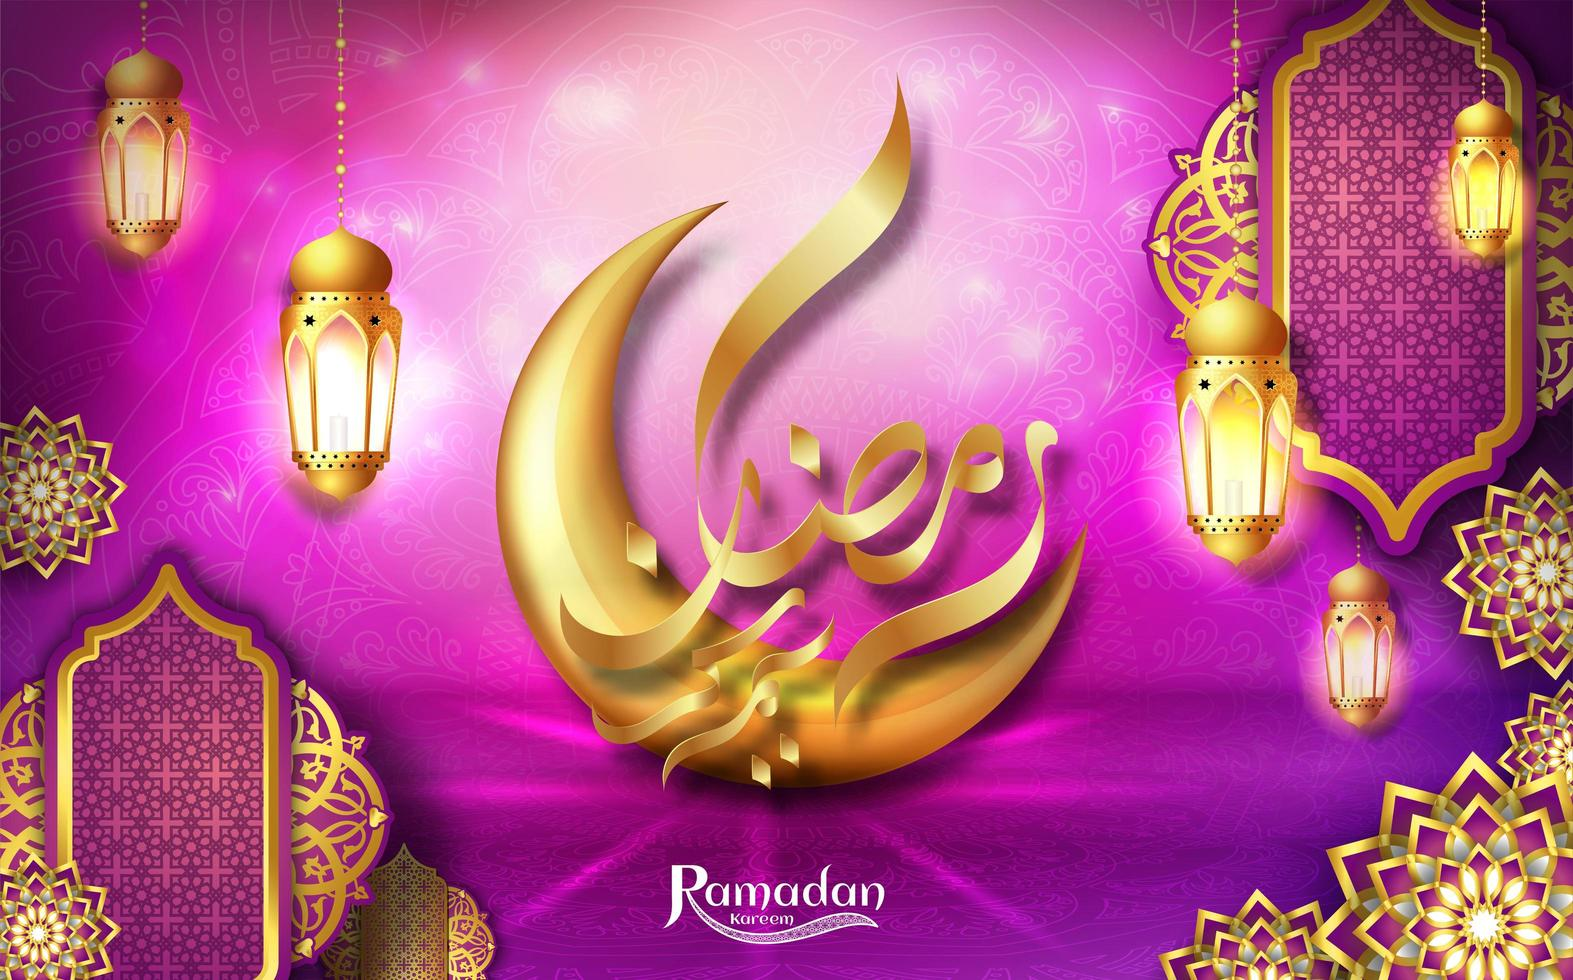 Diseño de tarjeta de felicitación rosa de Ramadan Kareem con luna dorada y linternas vector